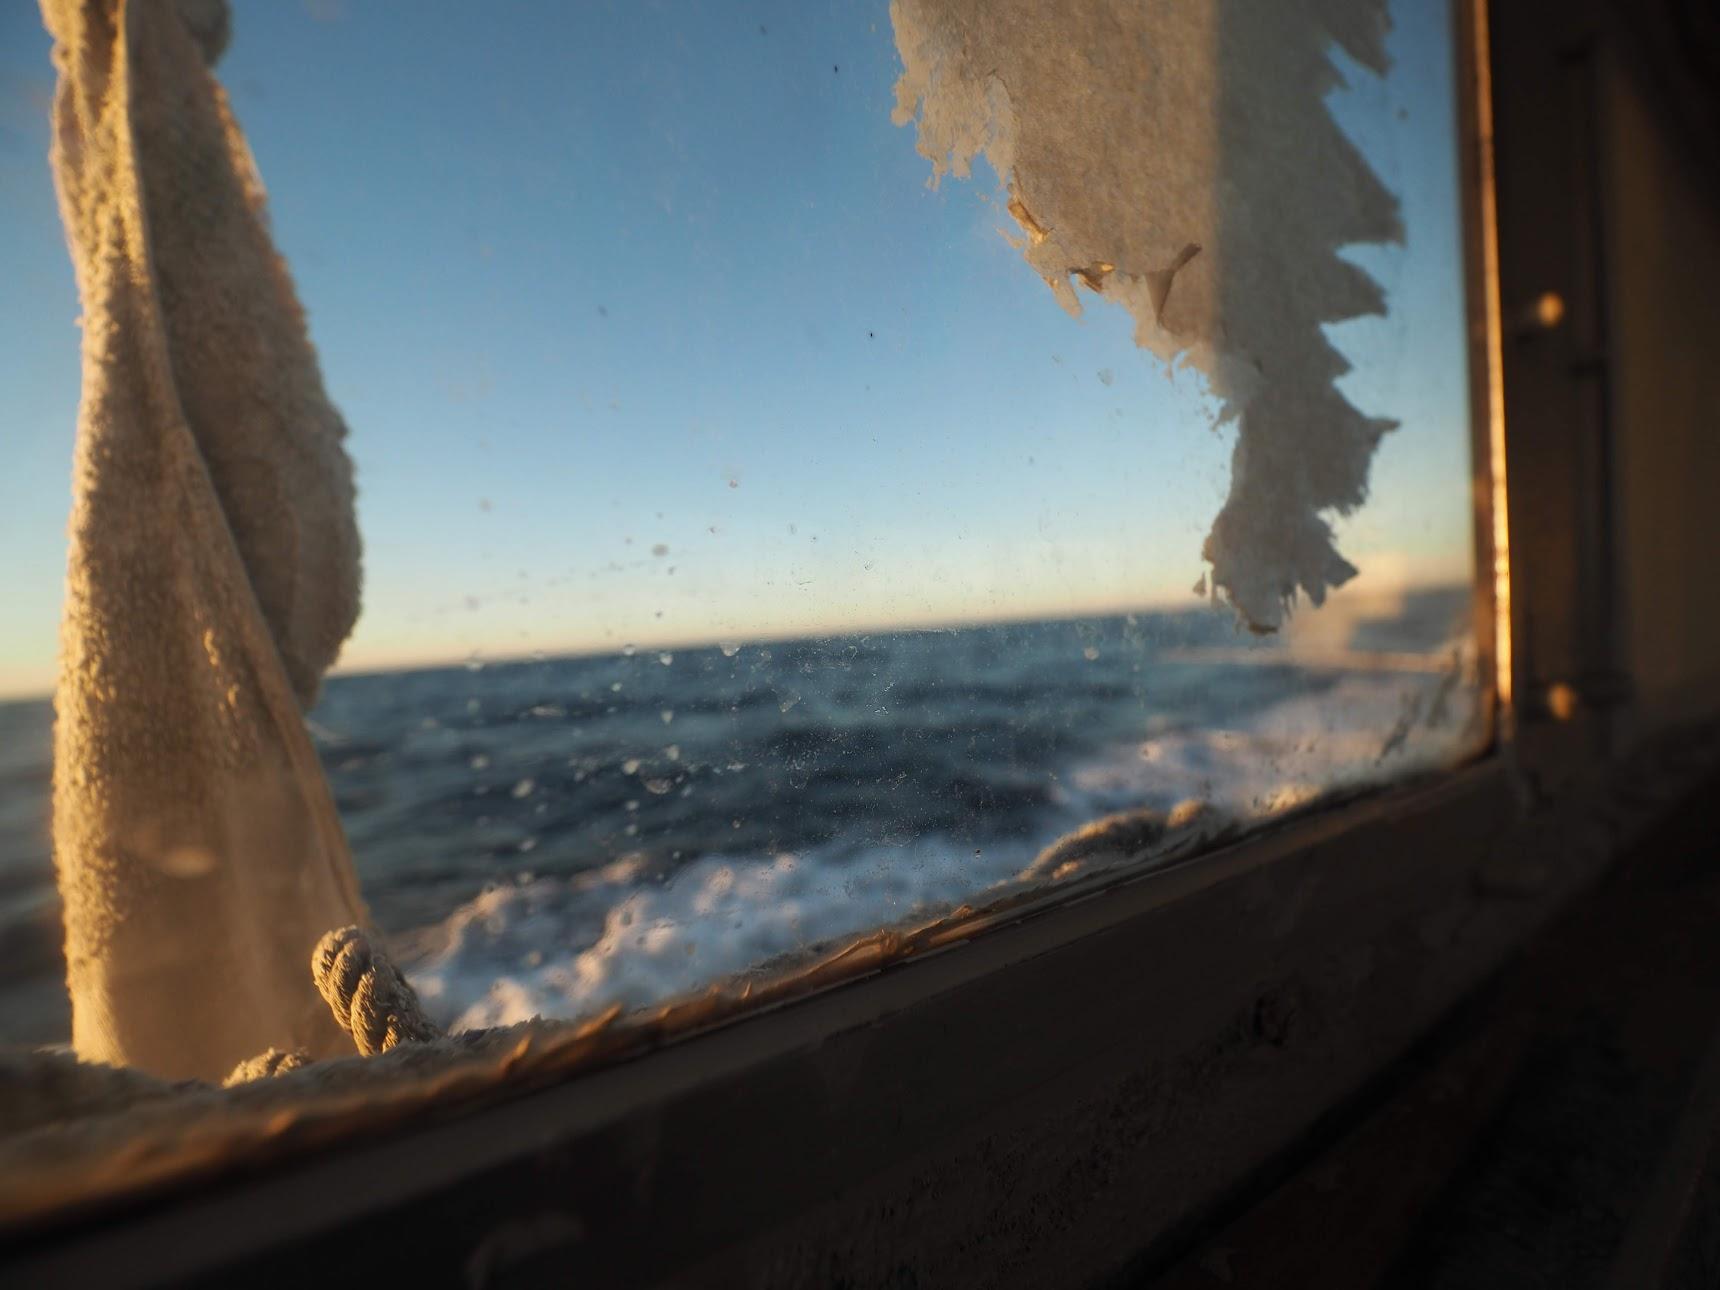 船内から外を見る